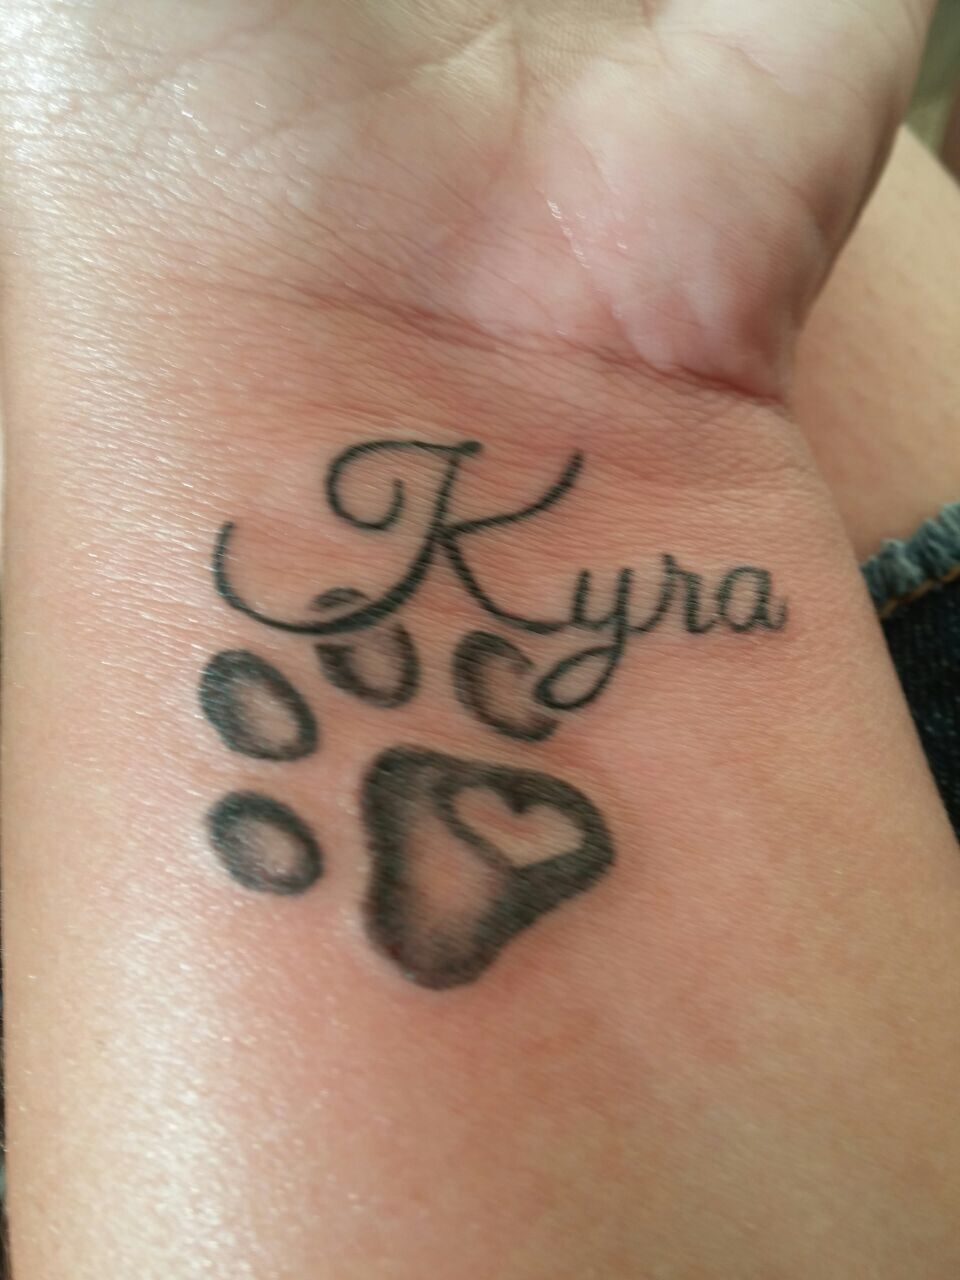 Dog Paw Tattoo On Wrisk More Tattoos Print Tattoos Tattoo Designs